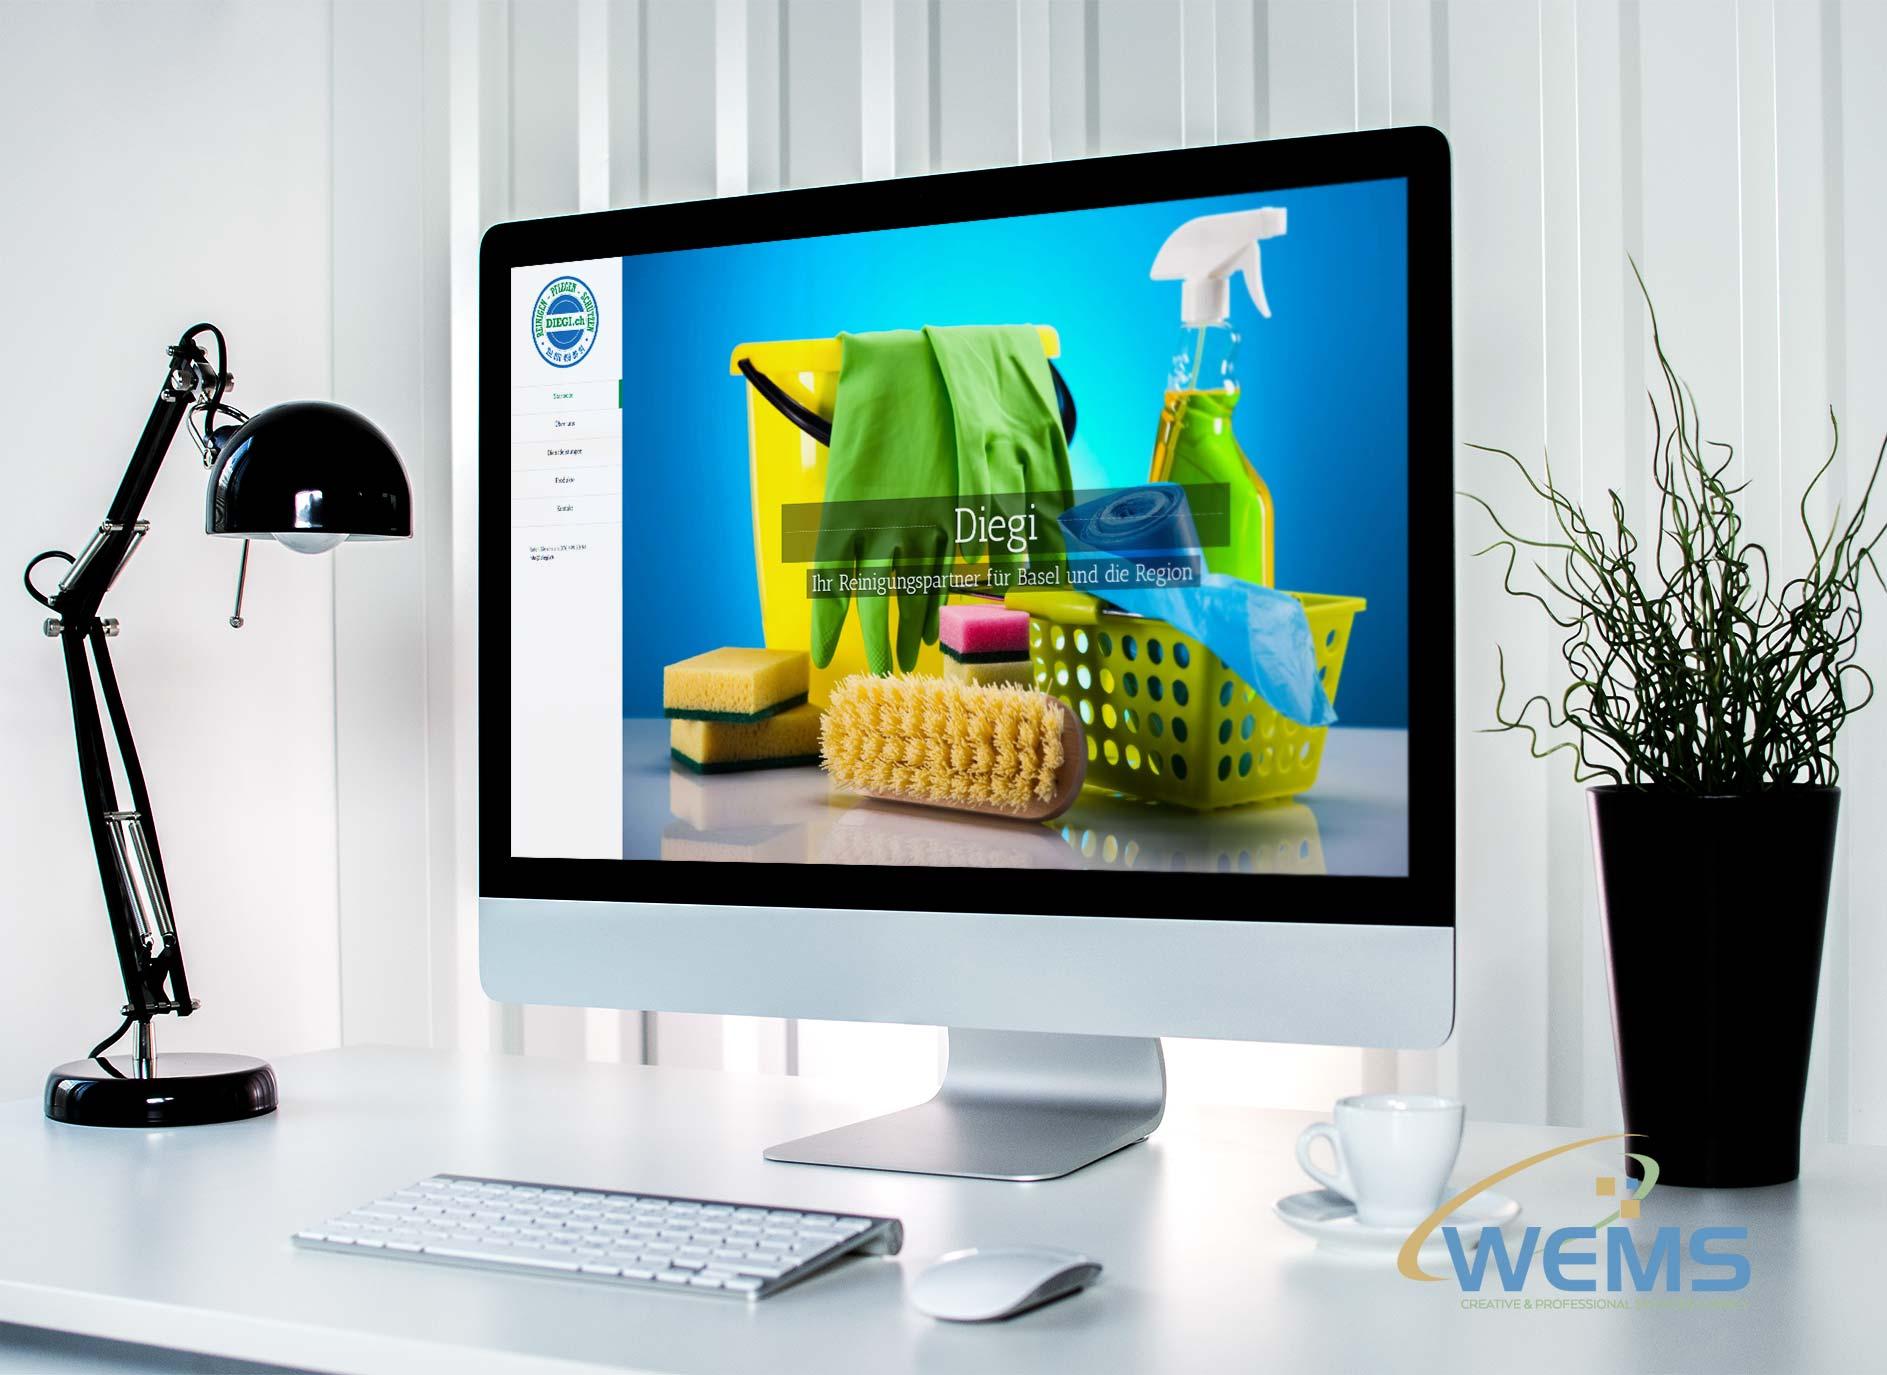 wems agency webdesign mockup diegi - Webdesign und Suchmaschinenoptimierung (SEO) Agentur